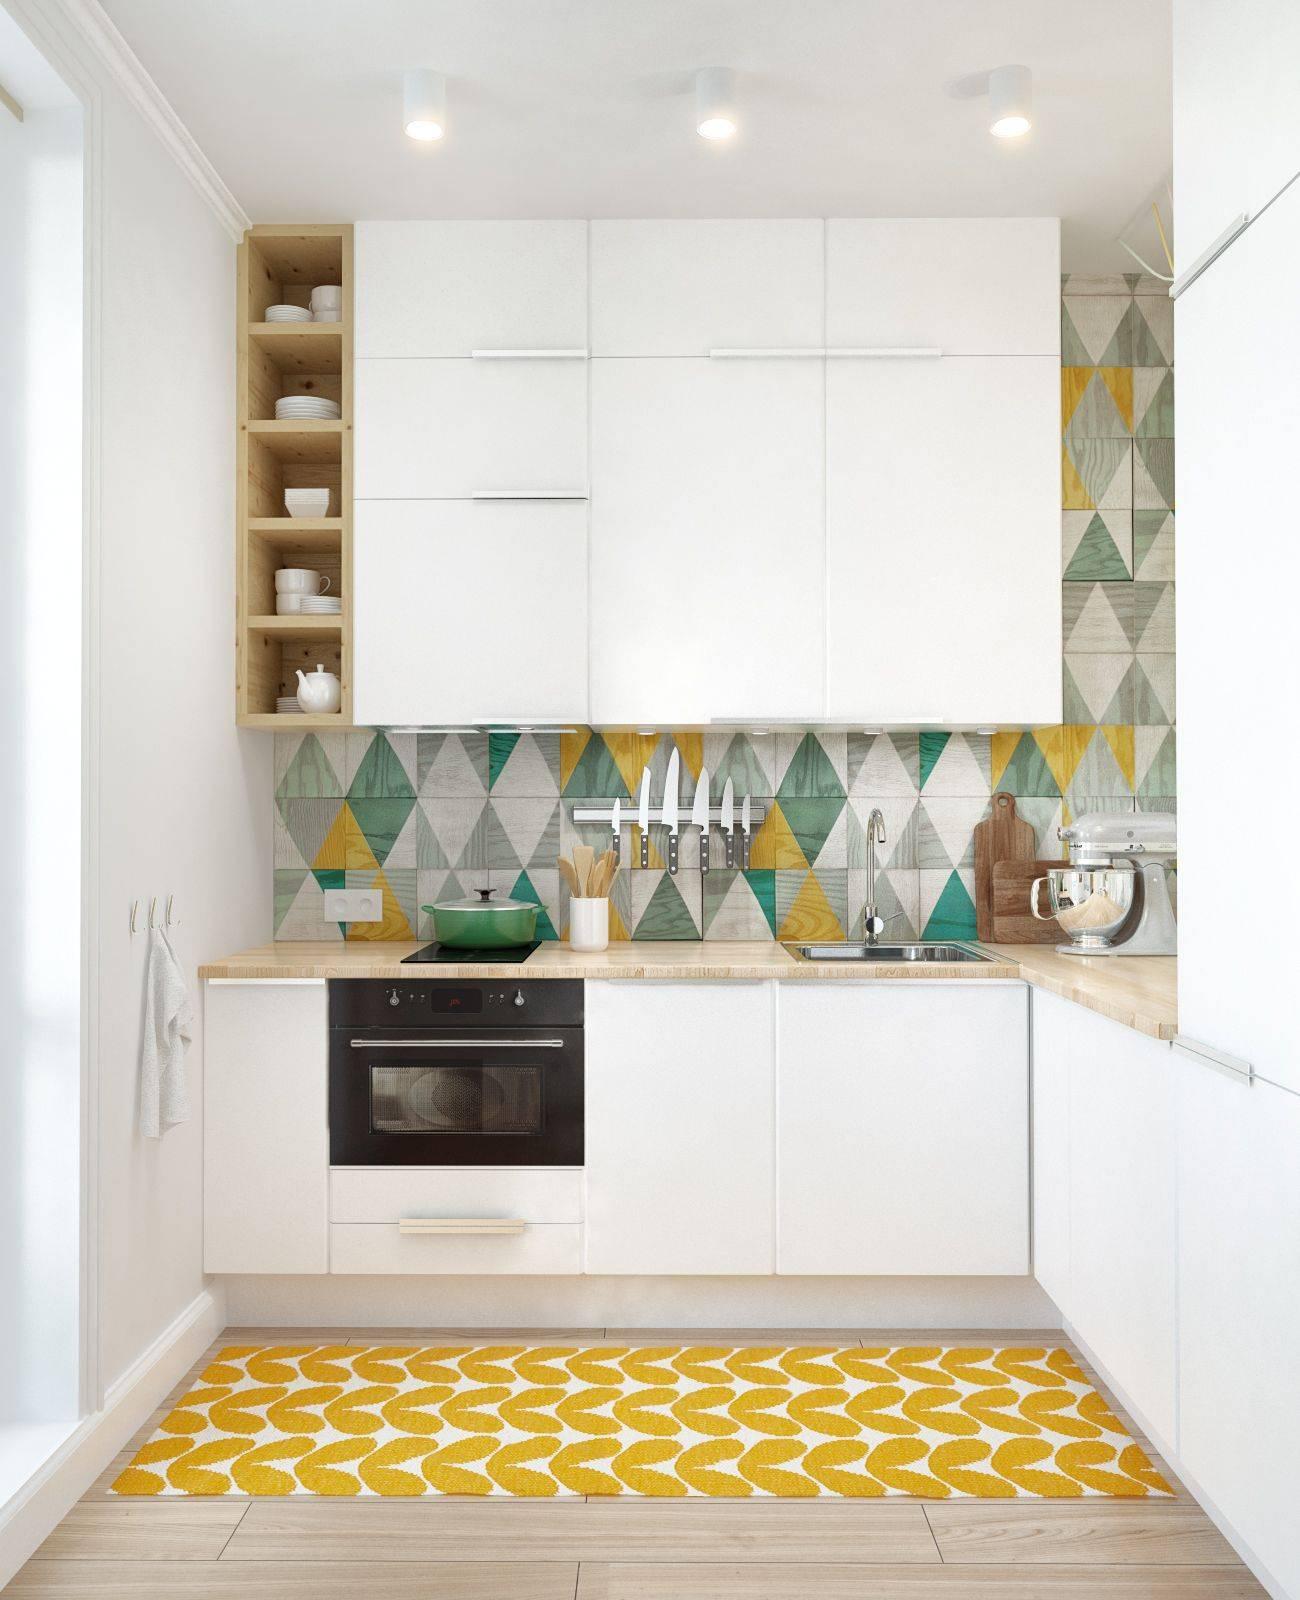 Угловые гарнитуры для маленькой кухни: 50 реальных фото, идеи дизайна в малогабаритных квартирах